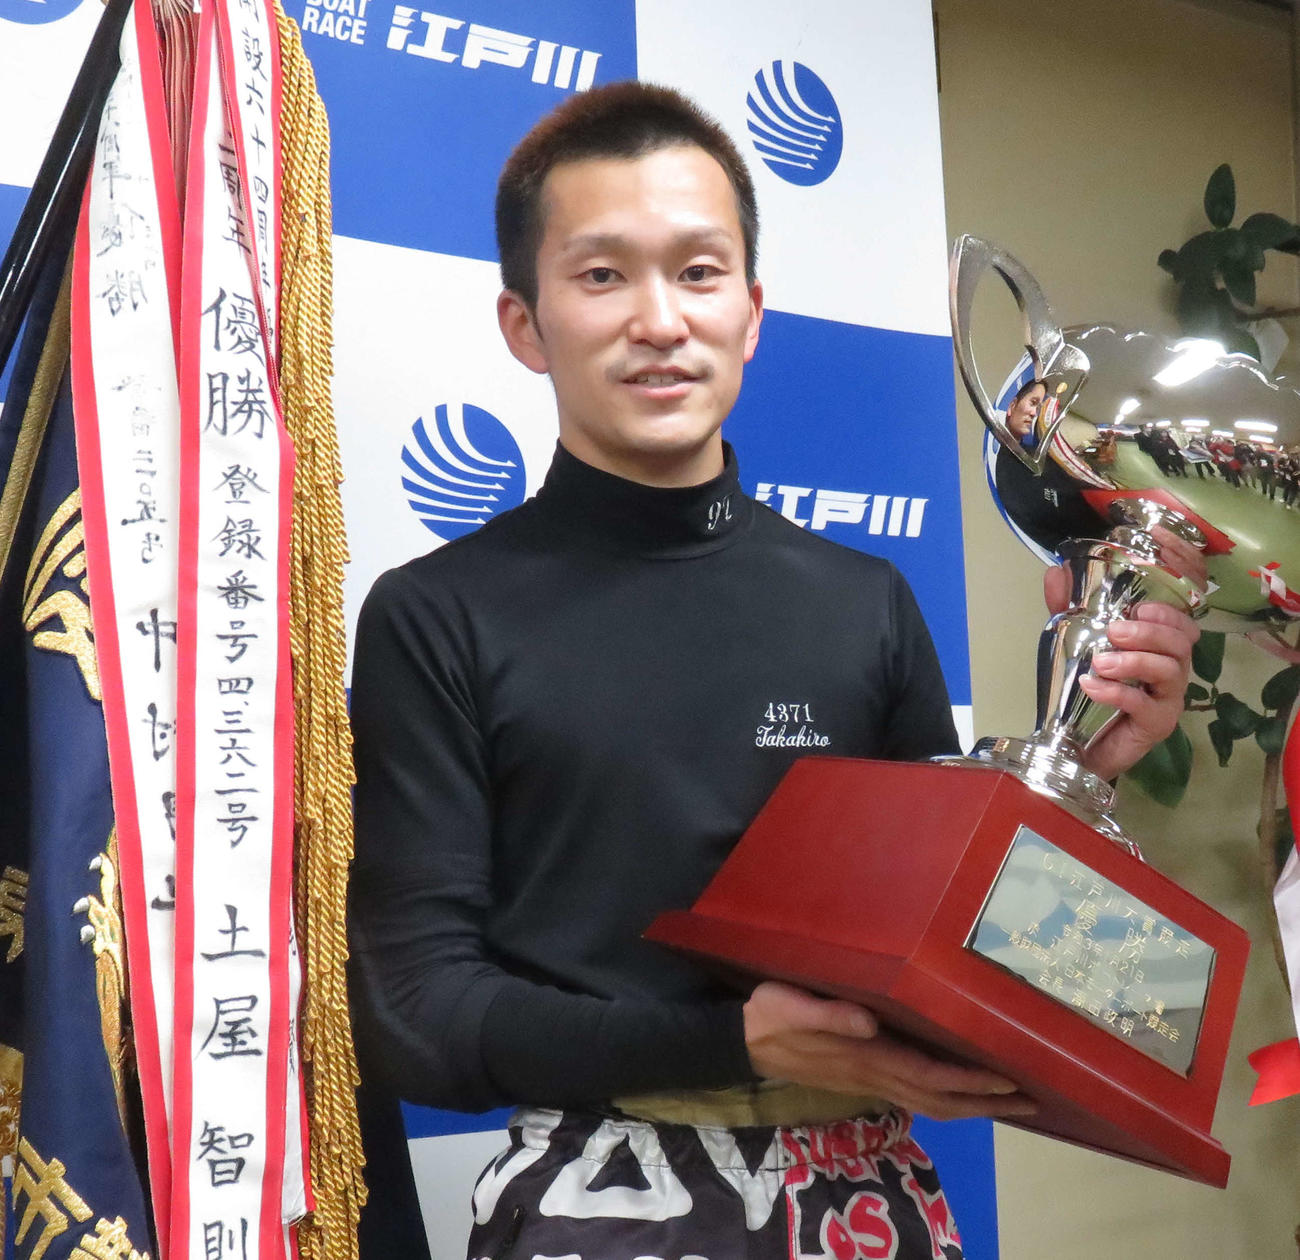 優勝カップを手にして笑顔を見せる西山貴浩